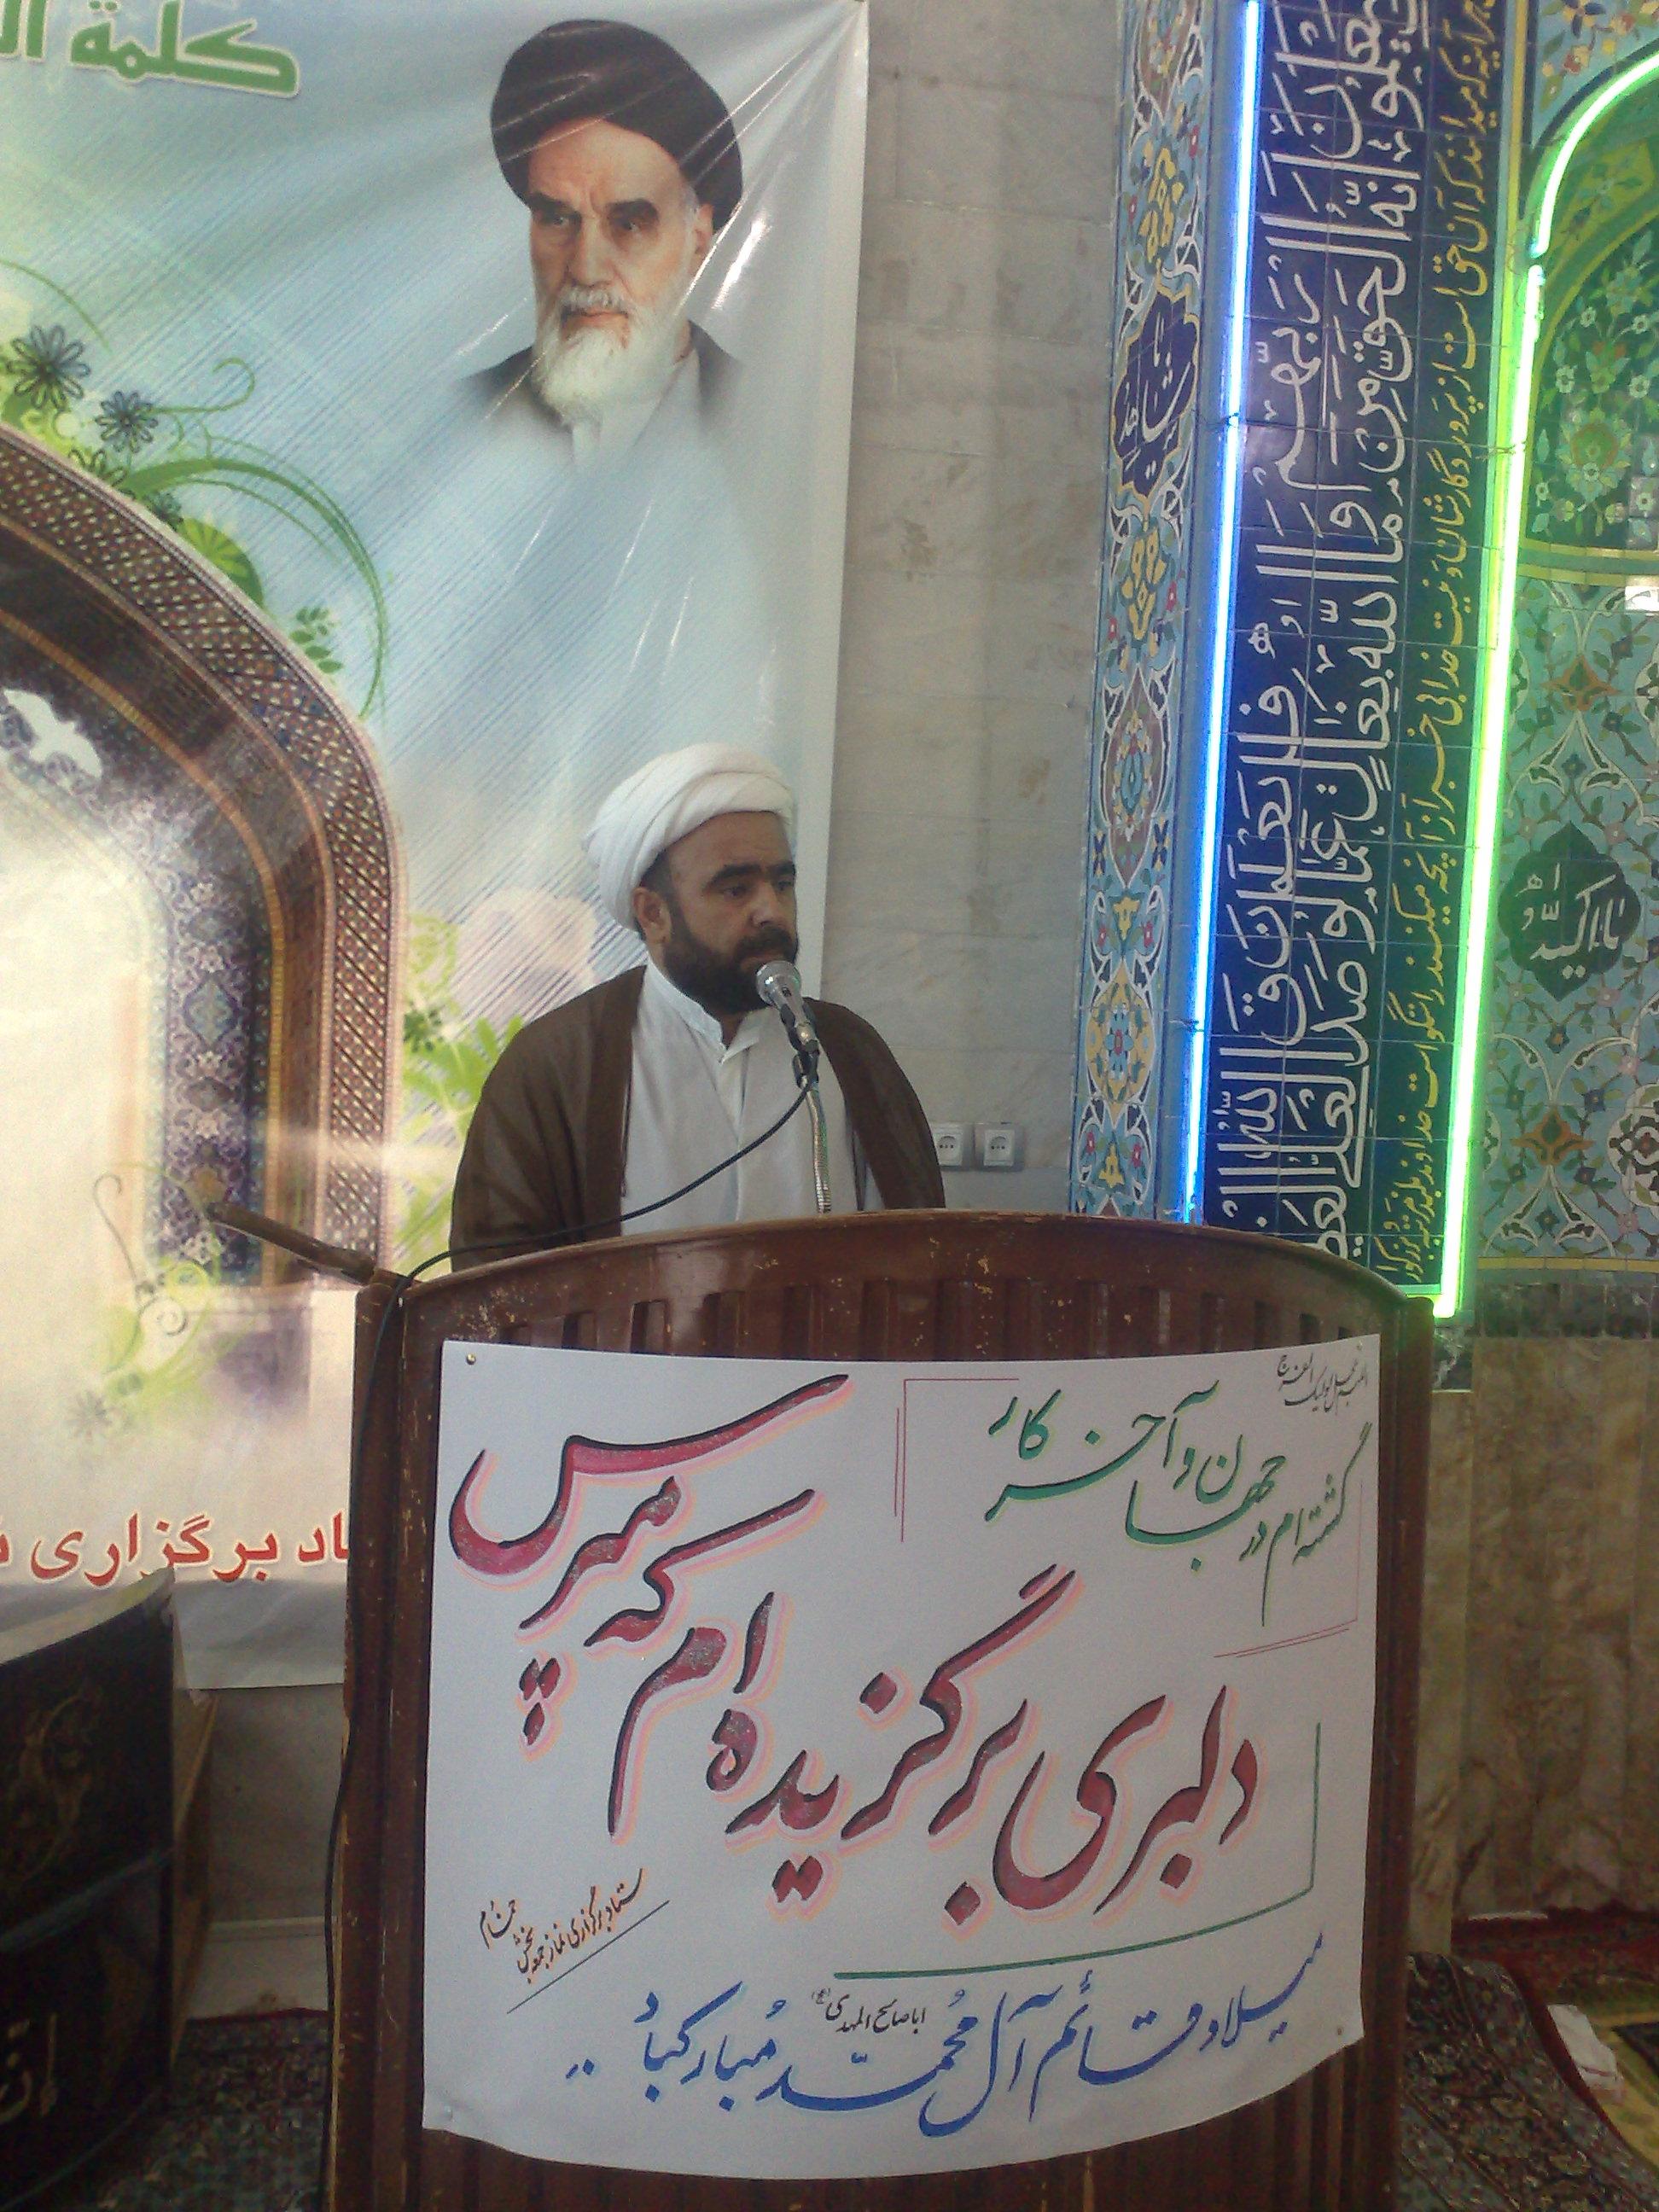 خمام - امام جمعه: دشمنان حرفي که در دنيا خريدار داشته باشد عليه ما ندارند